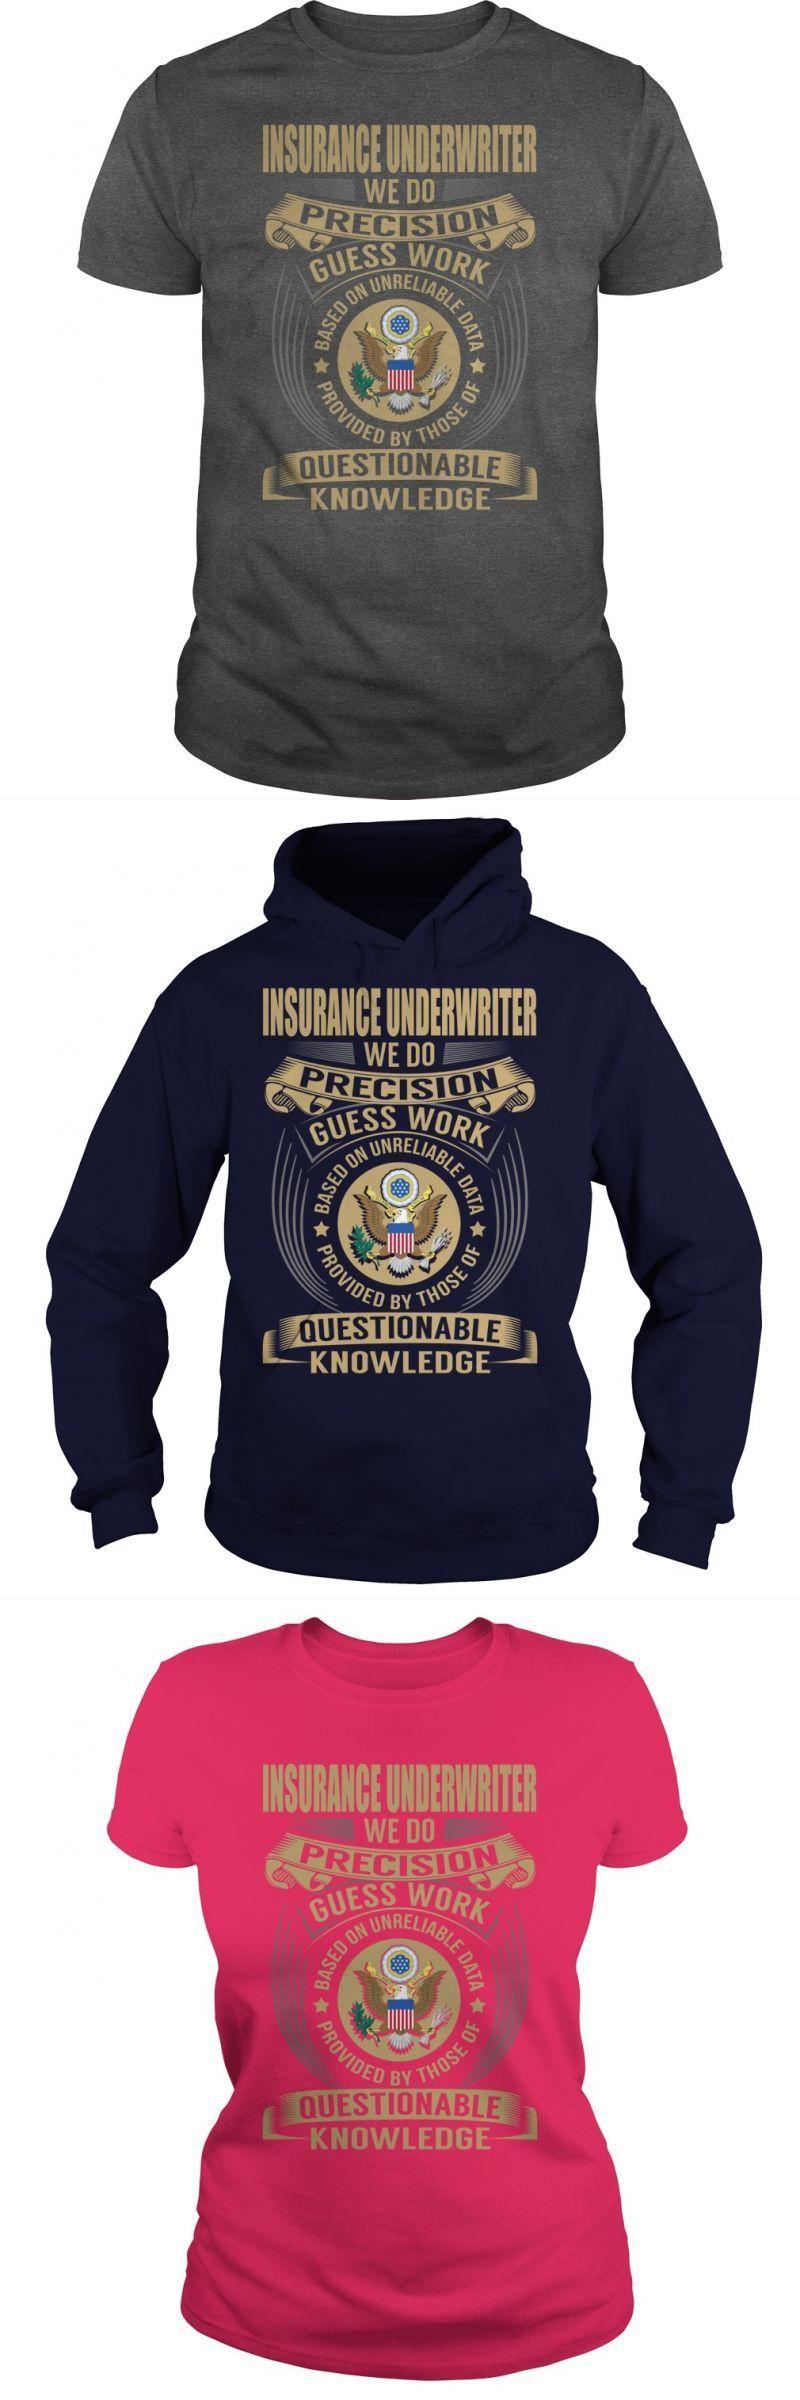 Insurance Underwriter Job Title Tshirts Guys Tee Hoodie Ladies Tee